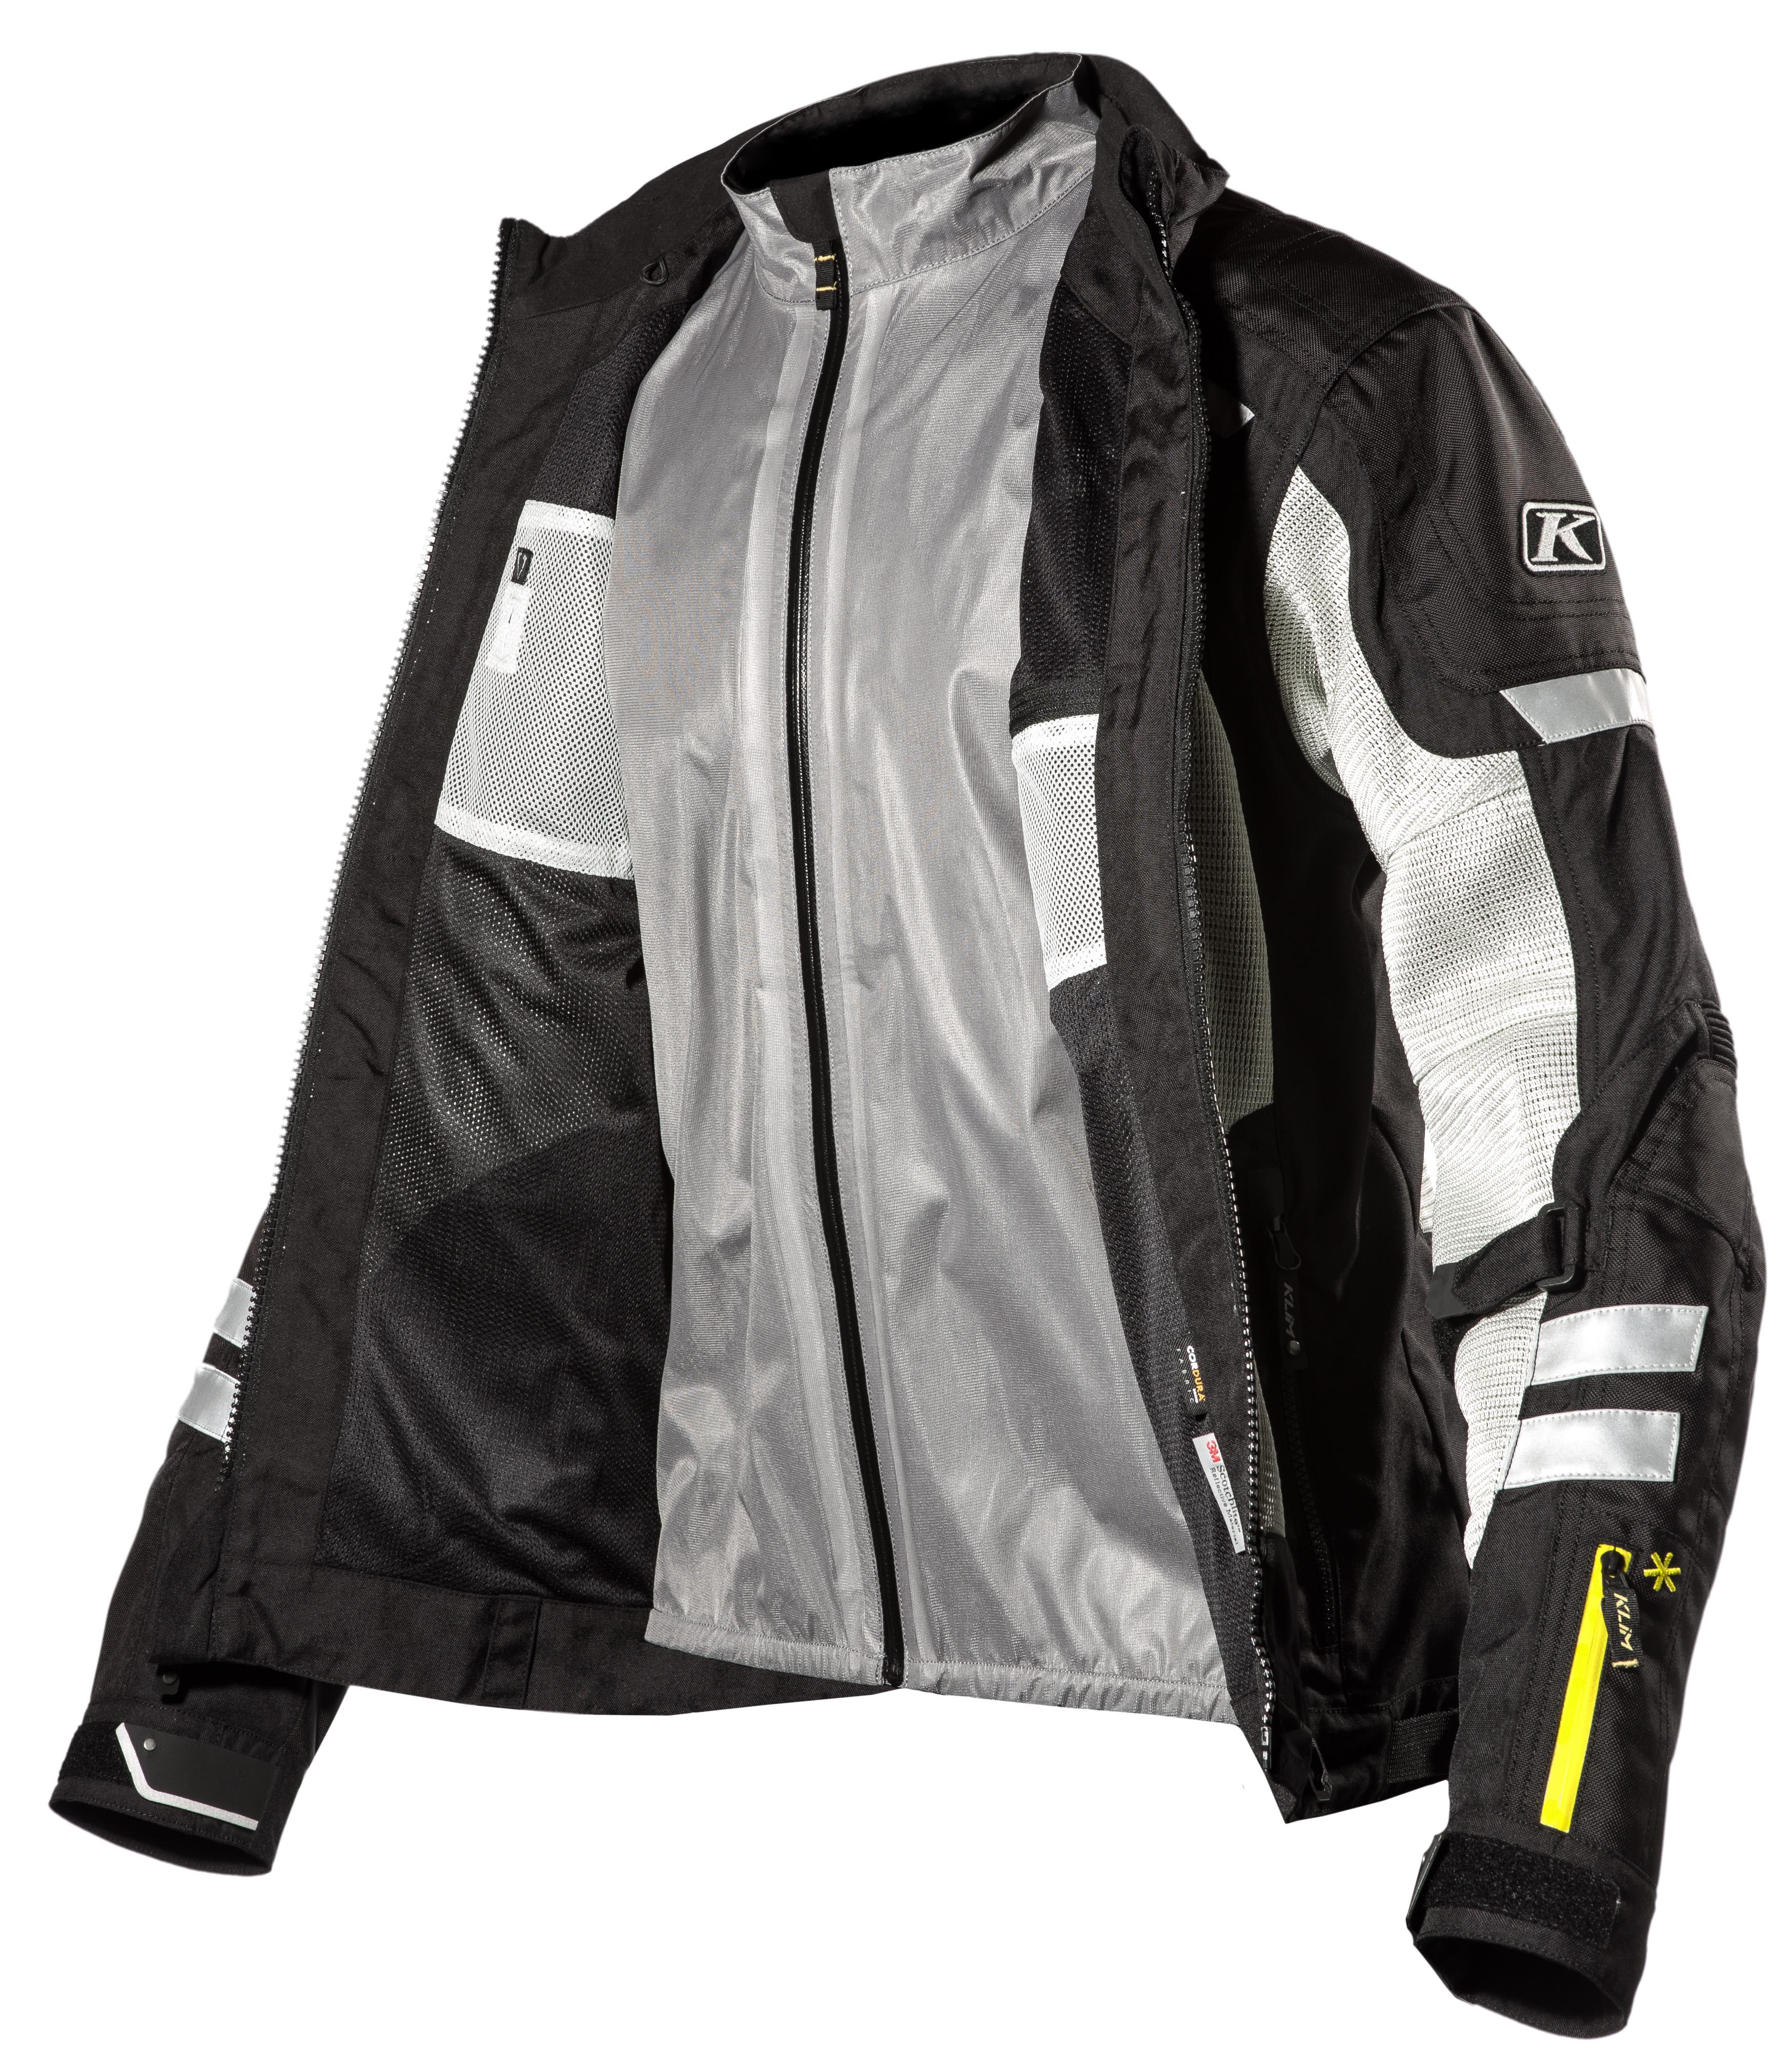 Induction Jacket Liner 5060-000 LINER IN JACKET